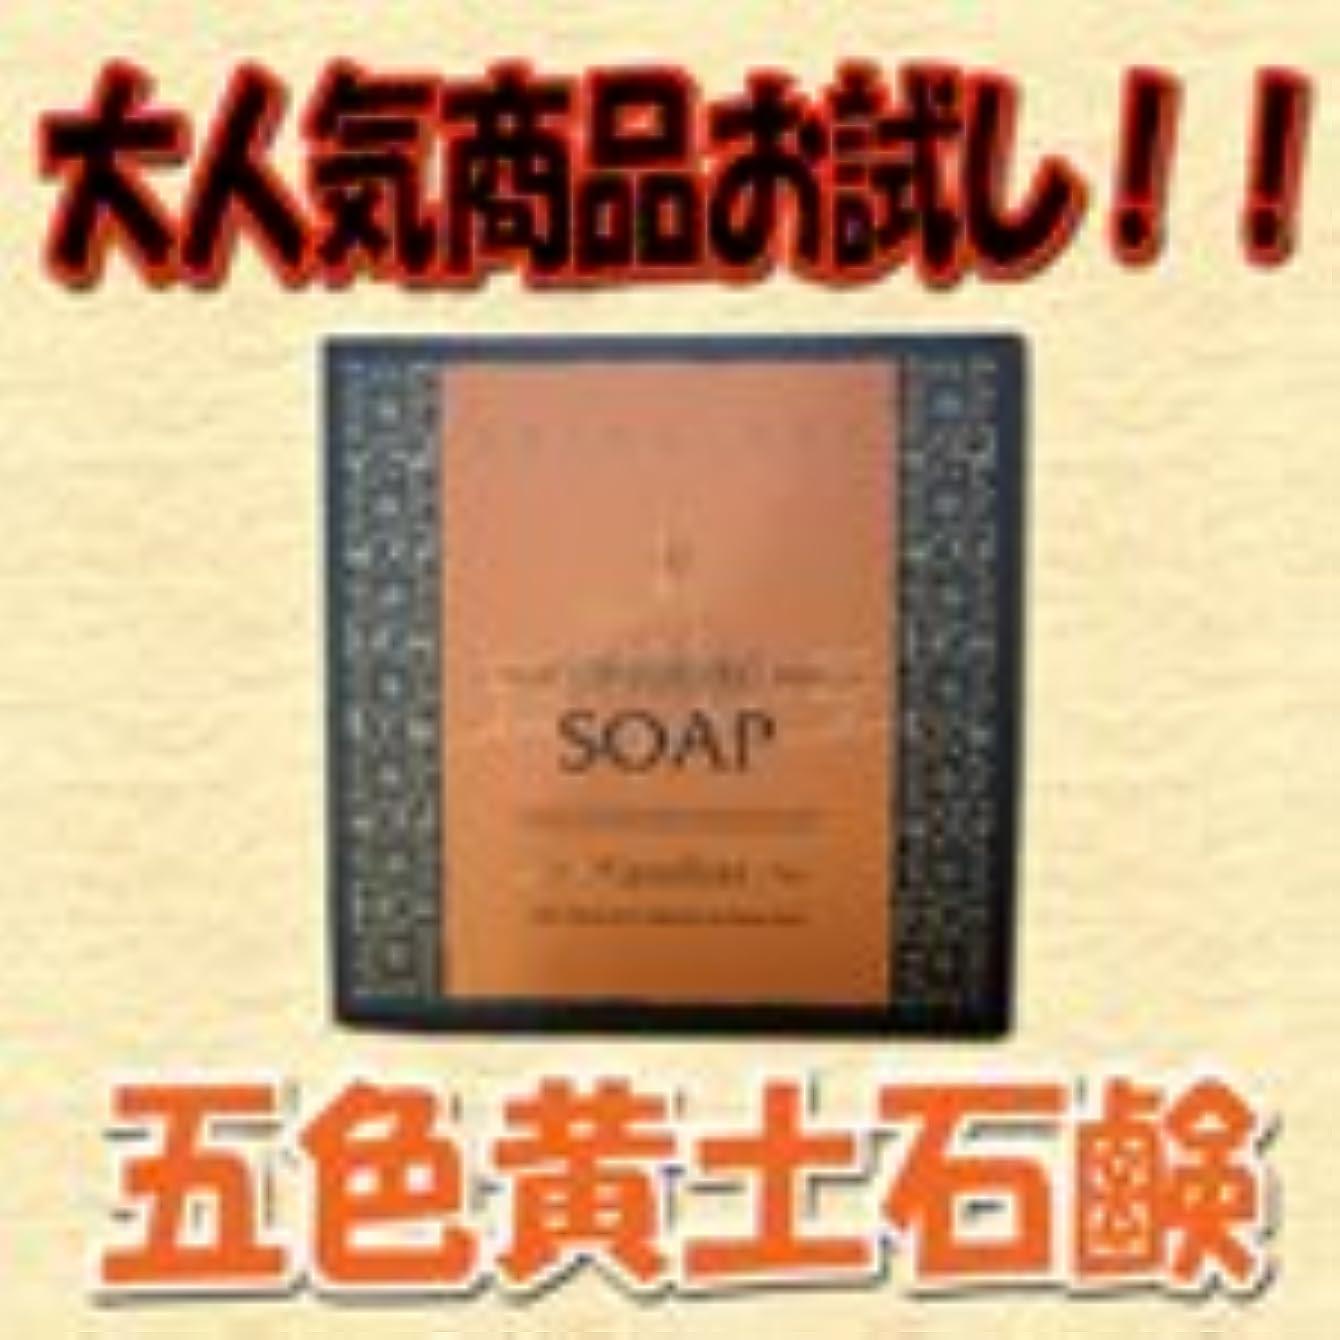 不調和手情緒的五色黄土石鹸 トライアルセット 20g 1個入り 【天然ミネラル】